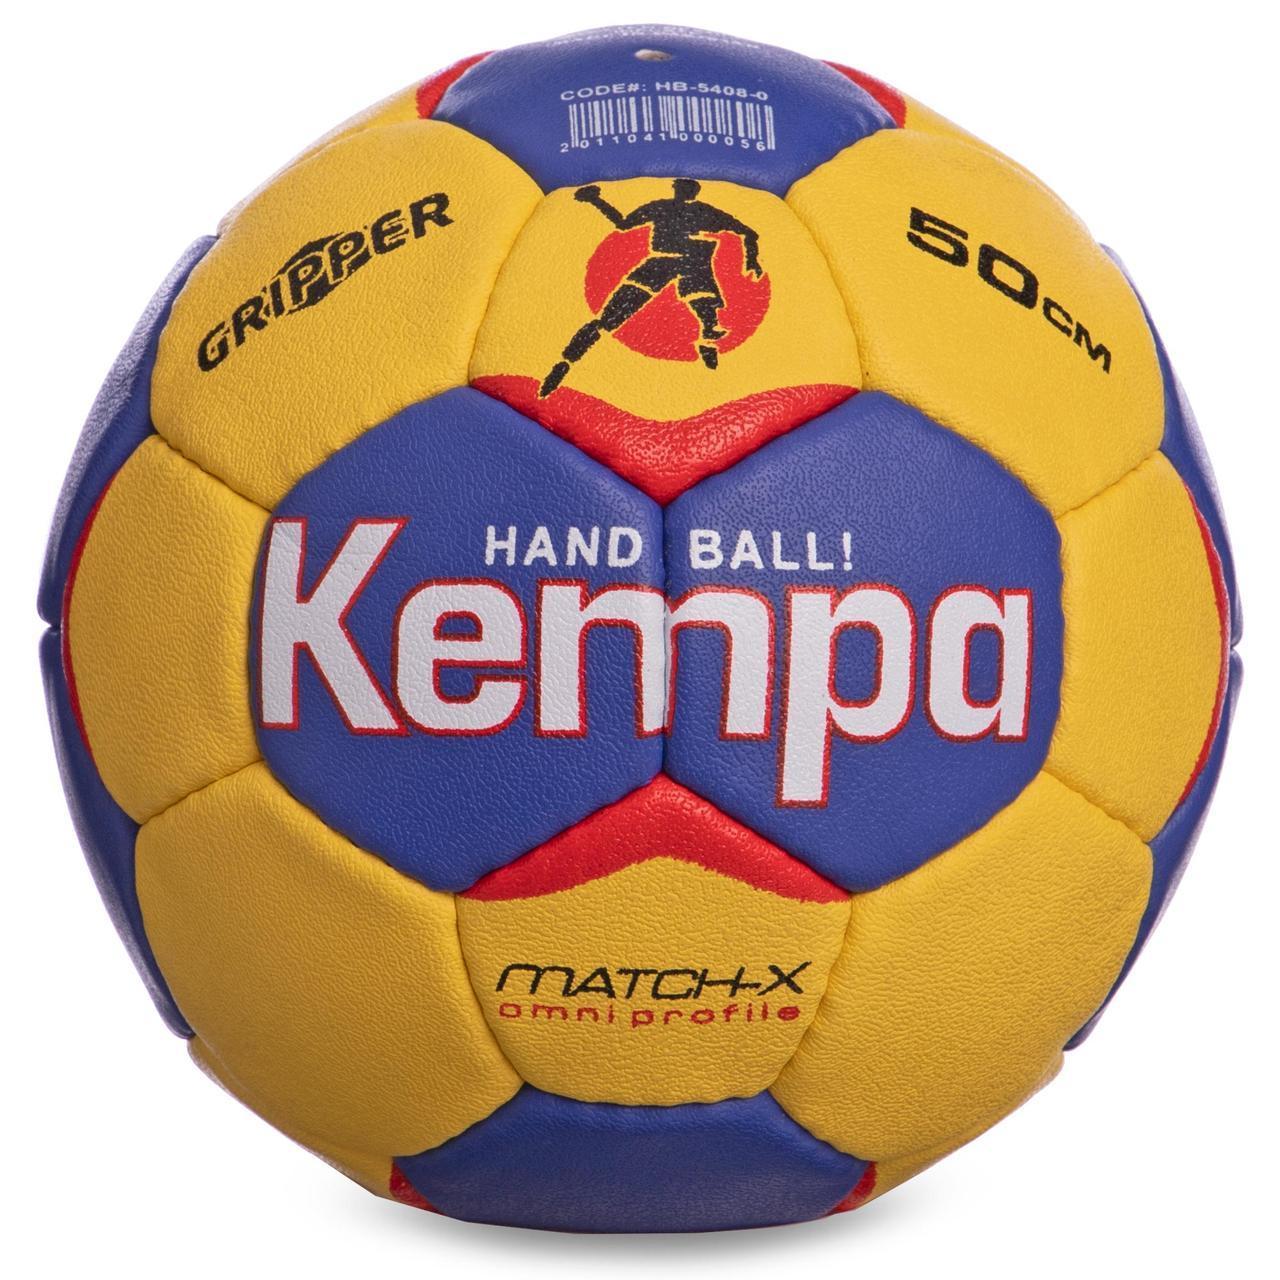 Мяч гандбольный KEMPA размер 0 HB-5408-0